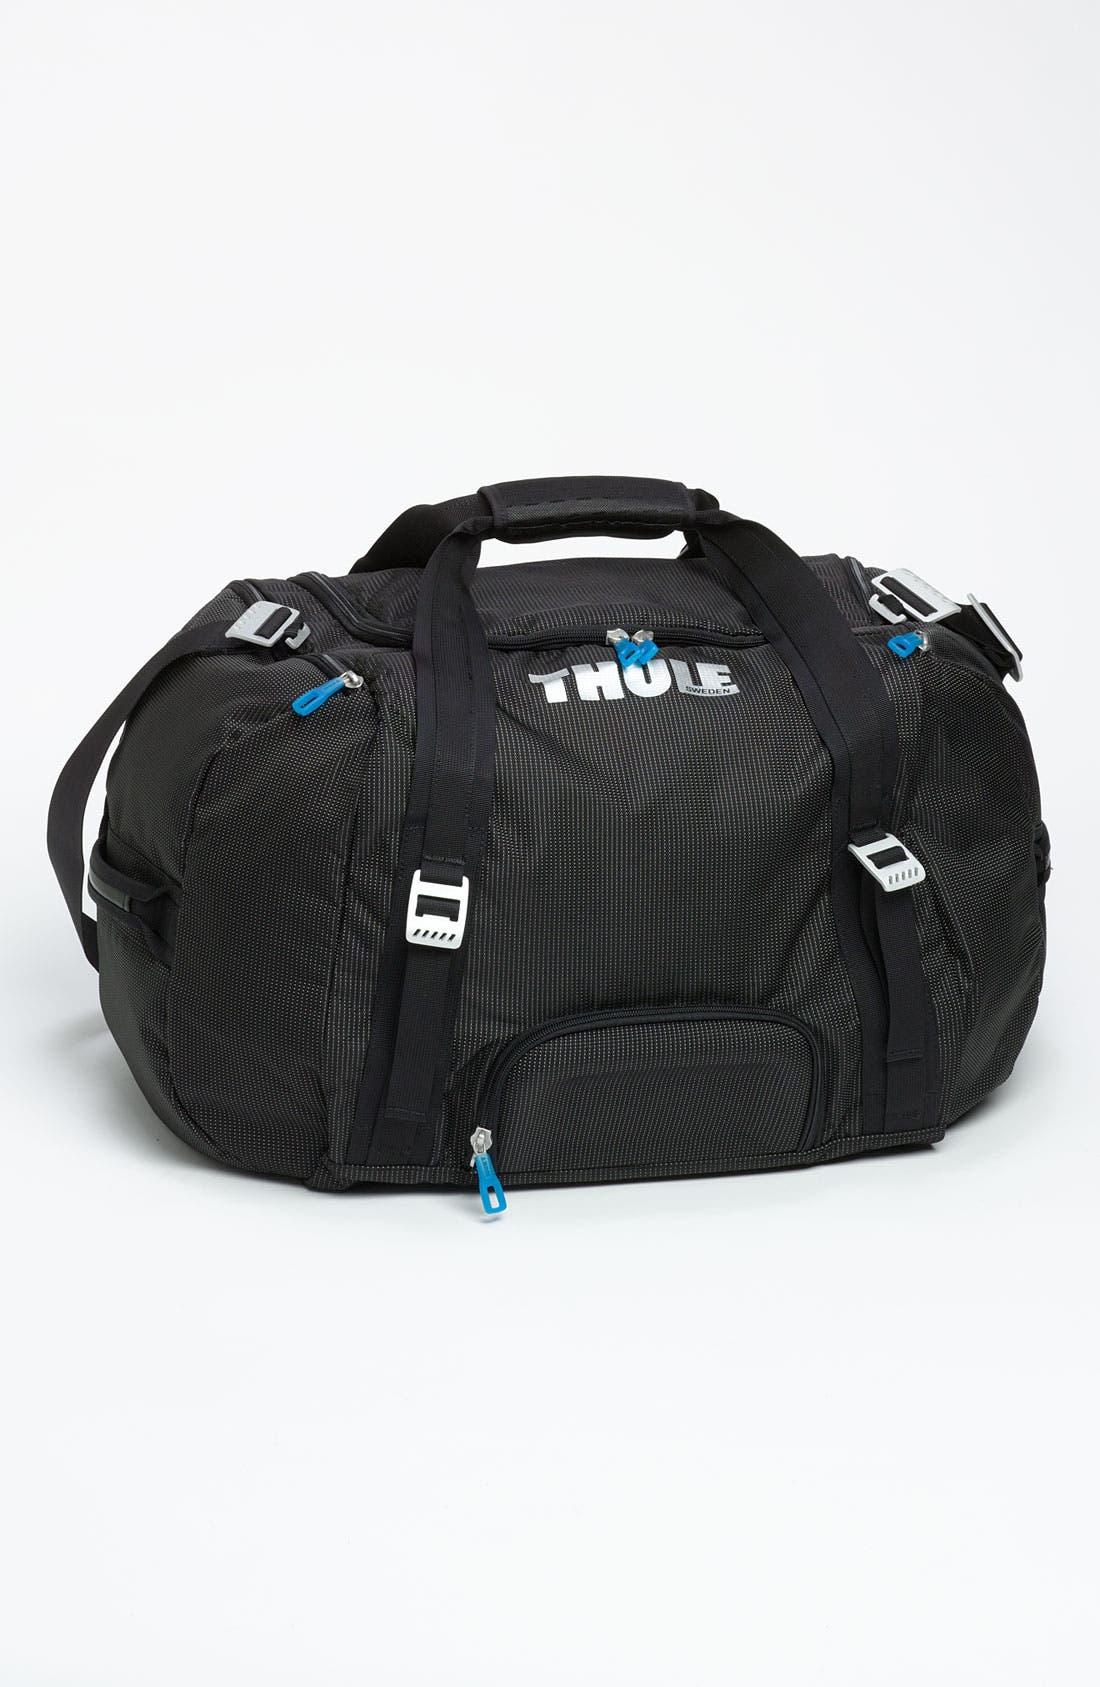 Main Image - Thule Duffel Bag (70 Liter)